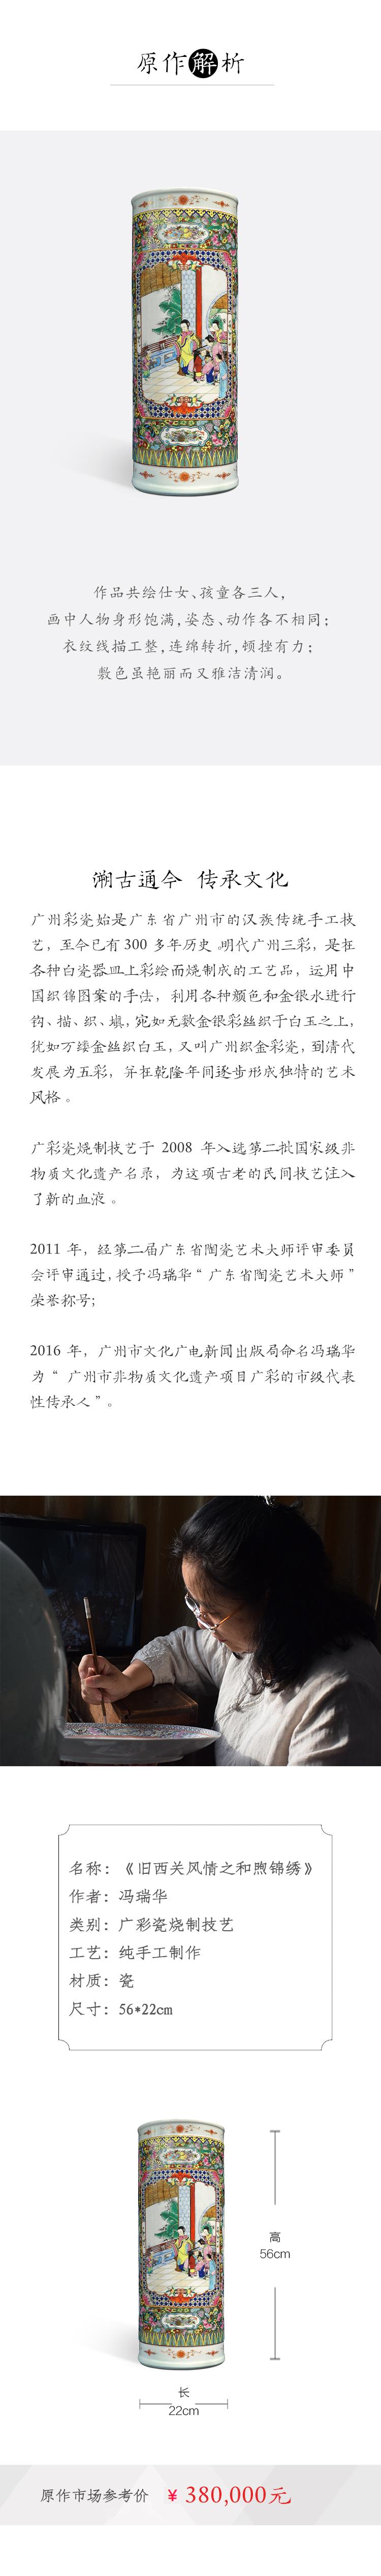 旧西关风情之和煦锦绣_03.jpg